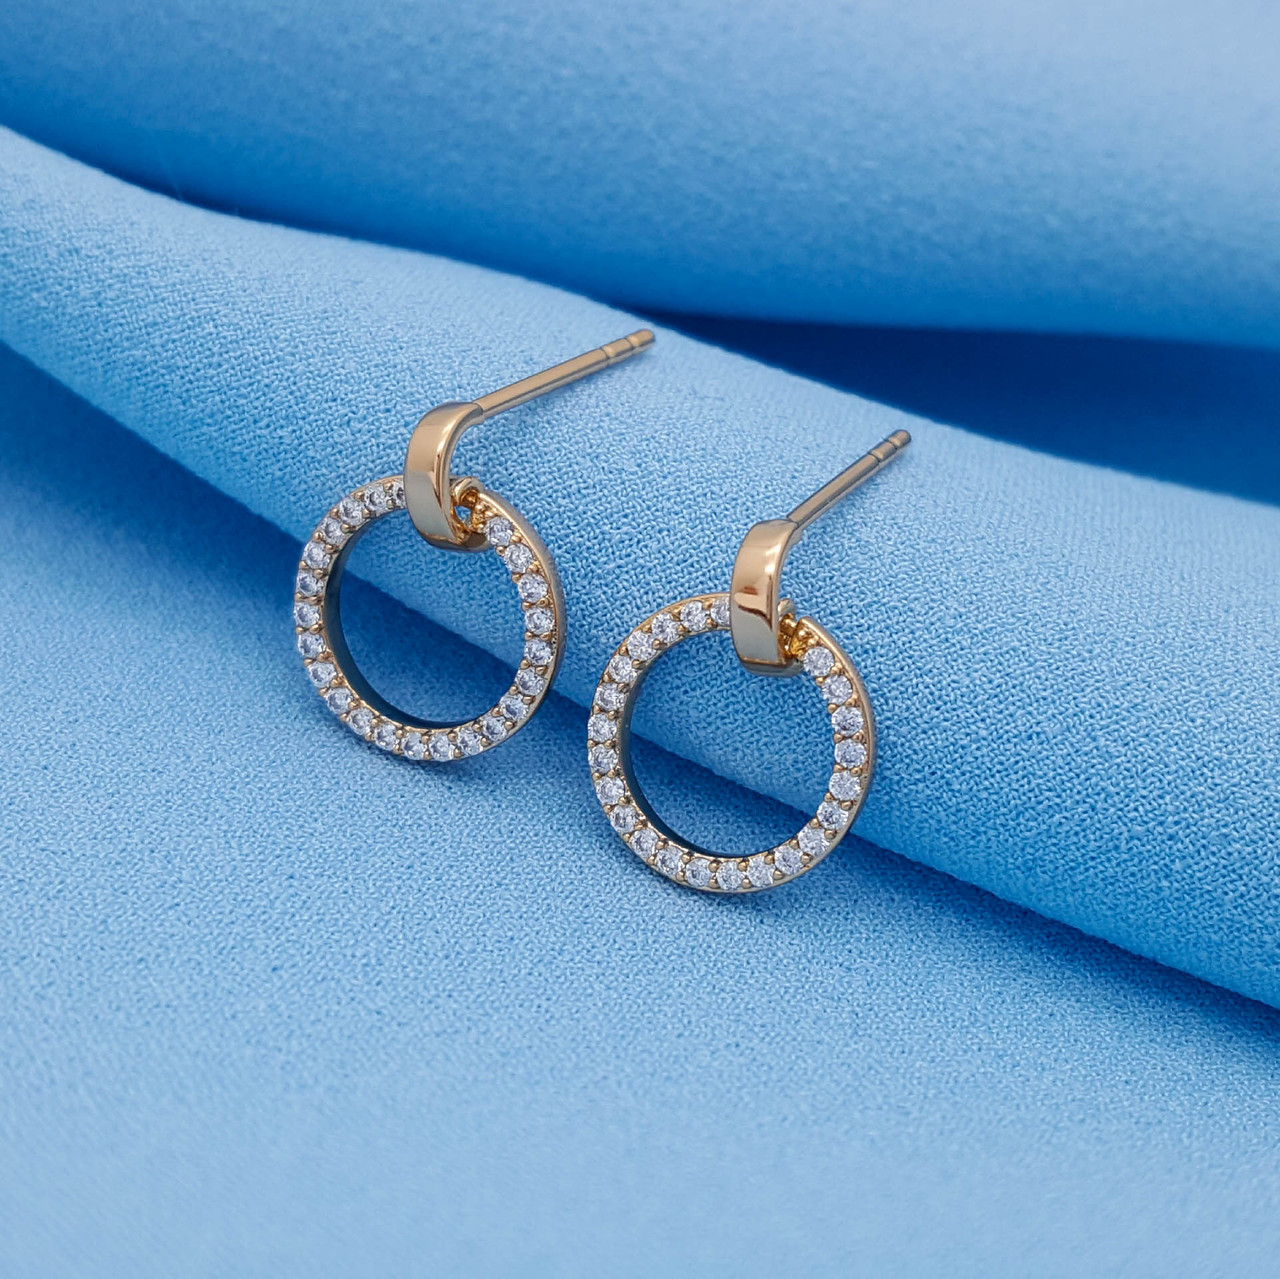 Сережки гвоздики, Кружок зі вставкою цирконія, позолота Xuping